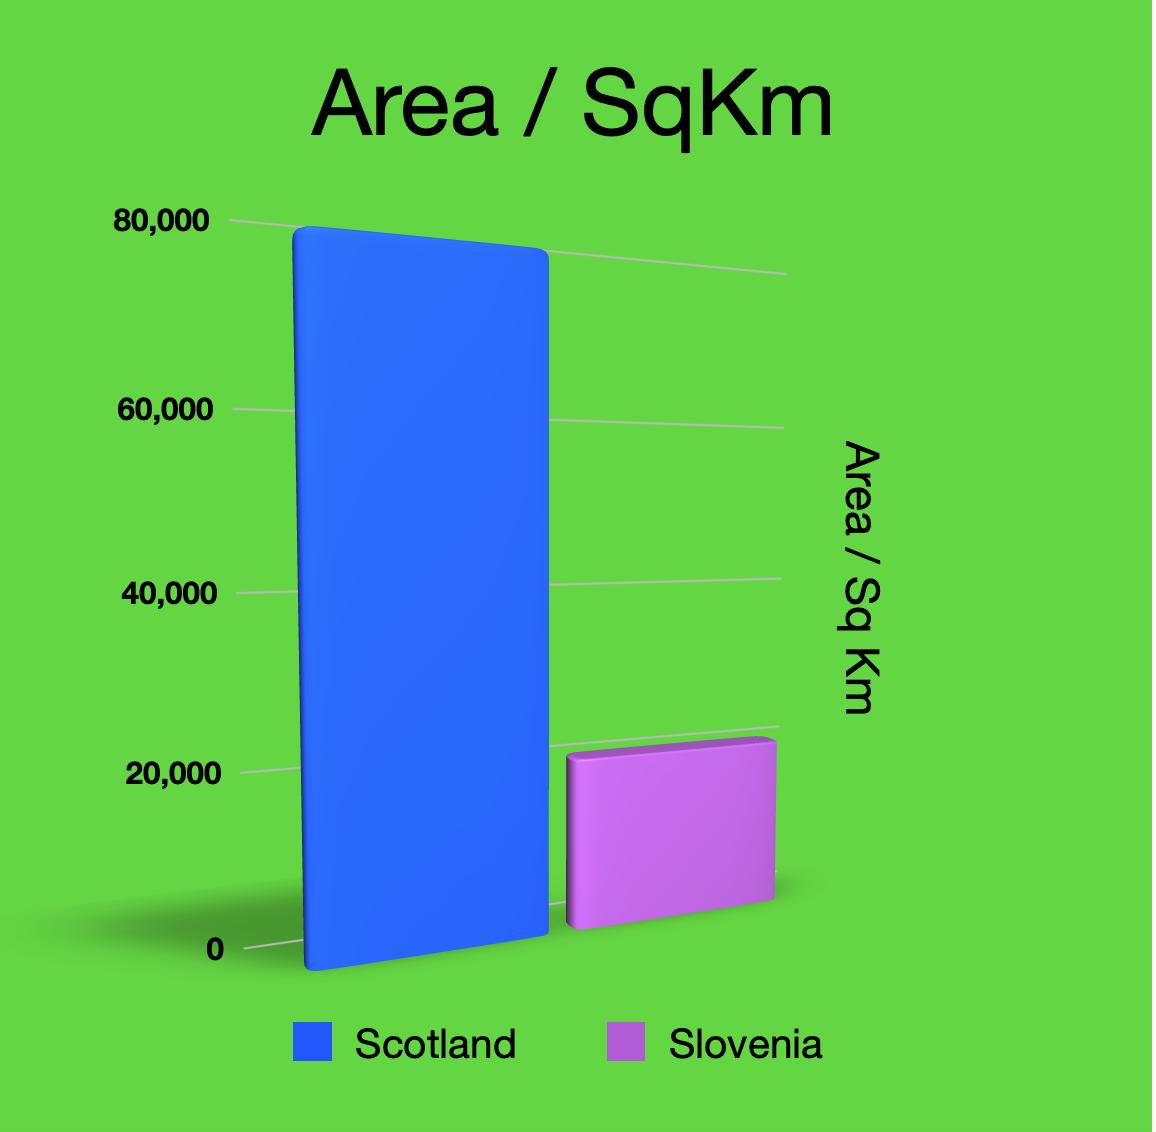 Scot_Slov Area